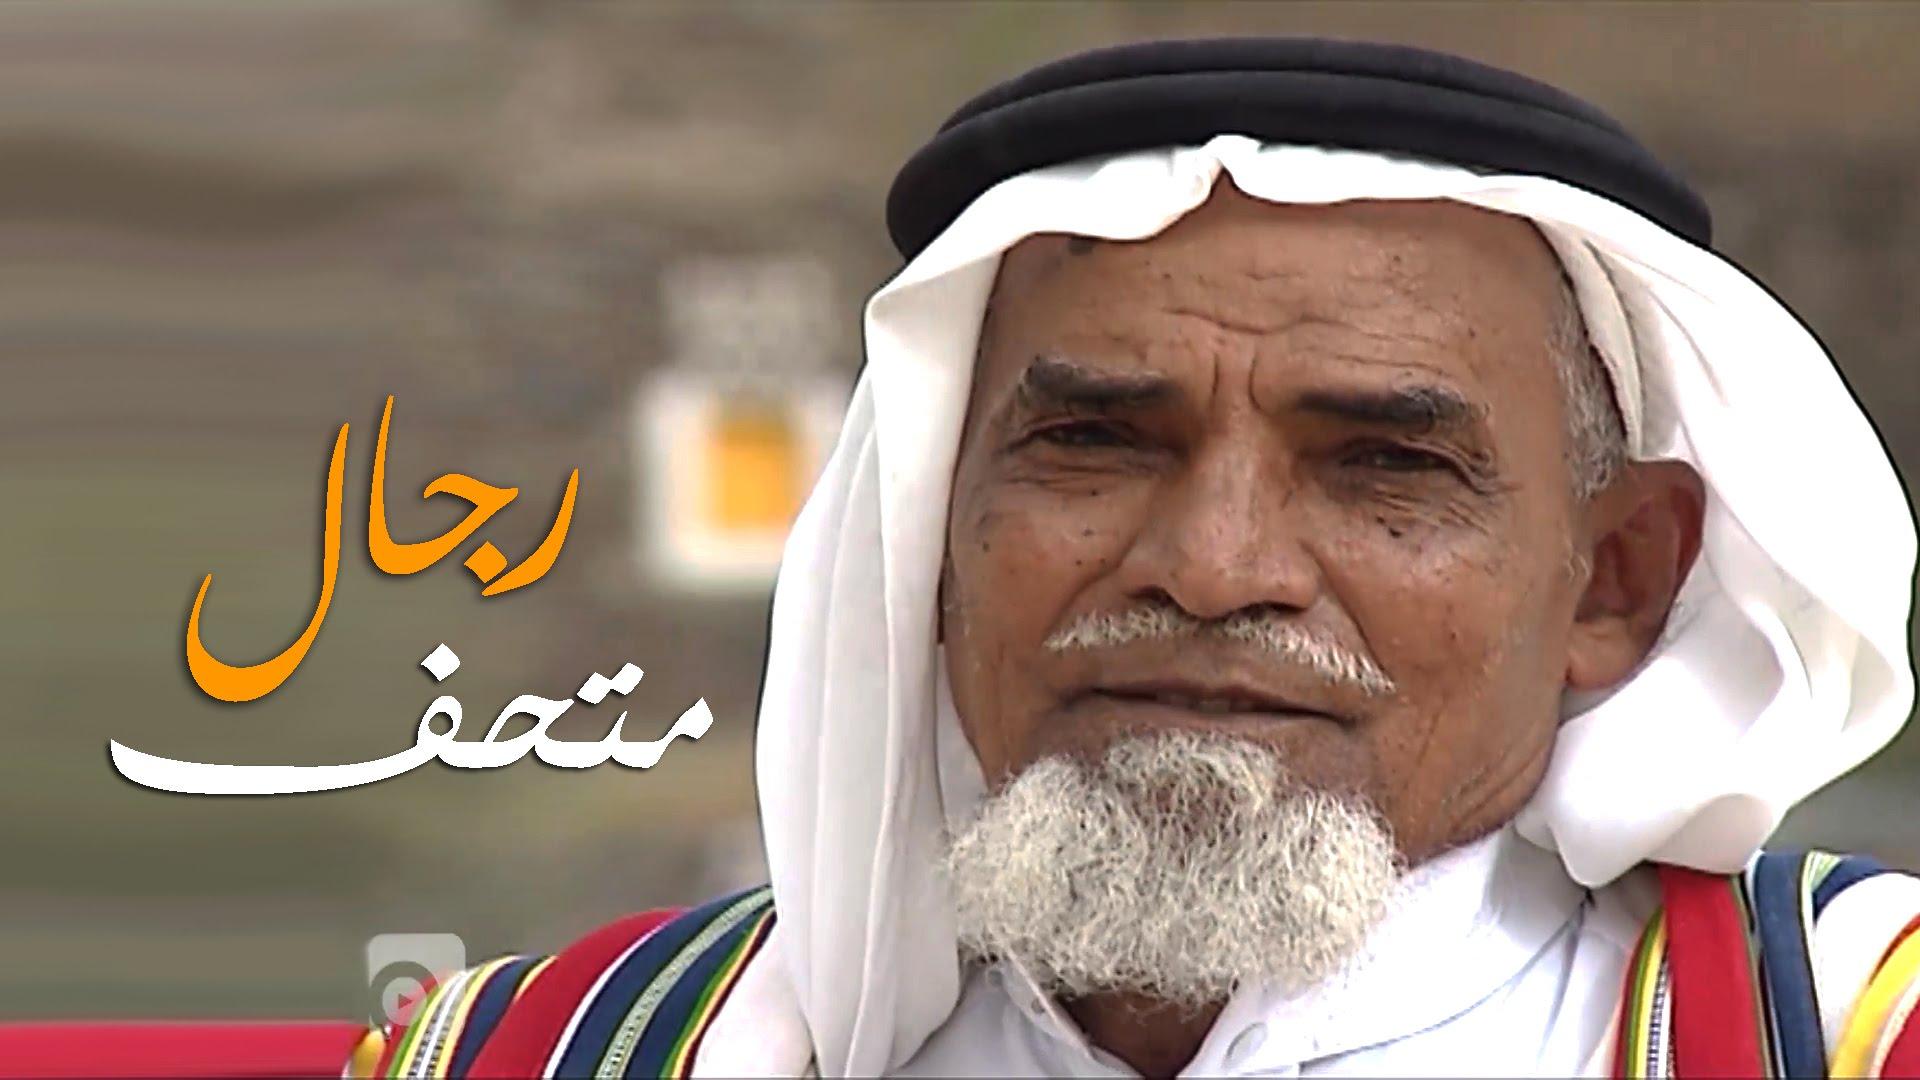 شاهد| متحف طرشي الصغير.. عنوان أصيل لإحياء التراث السعودي ...